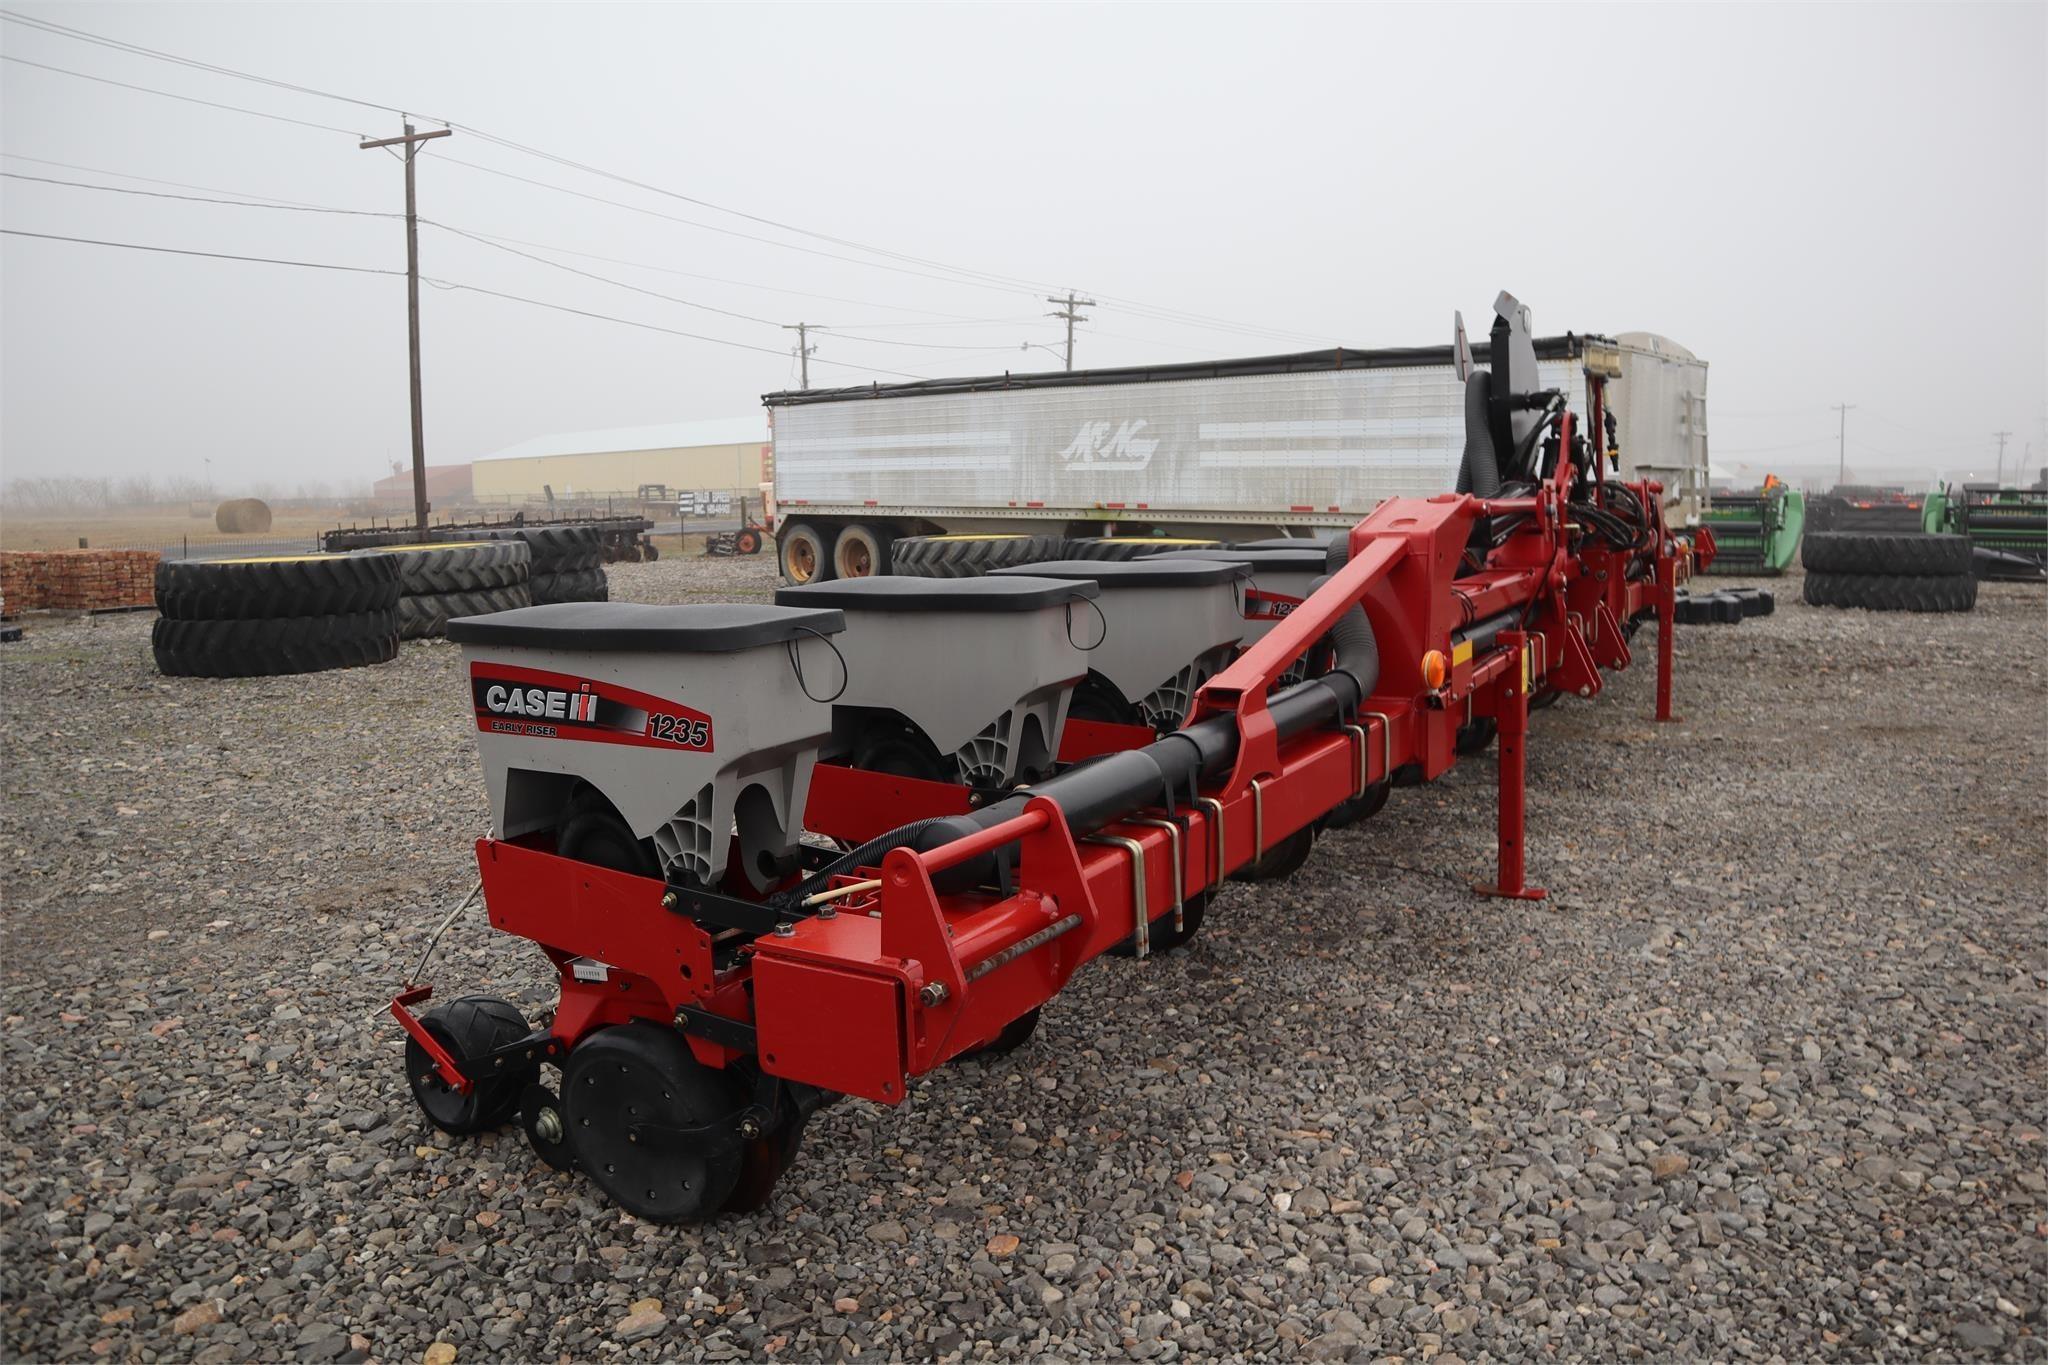 2014 Case IH 1235 Planter